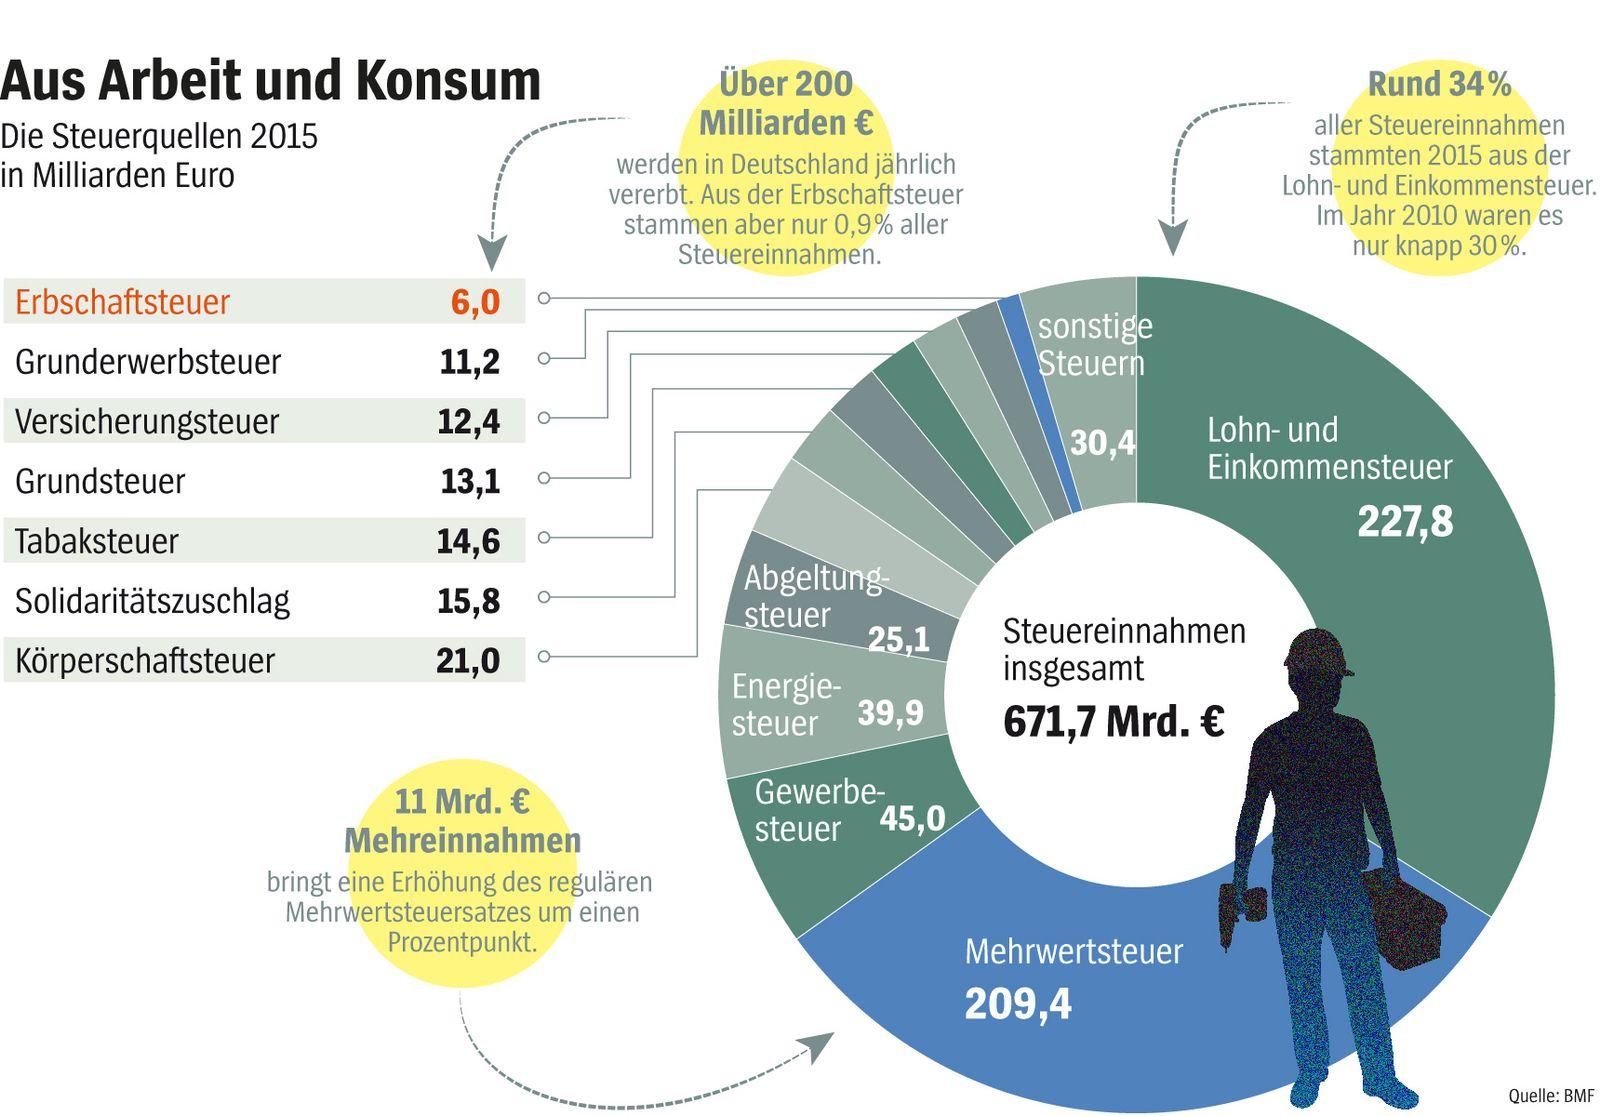 SPIEGEL 34/2016 S. 10 Grafik Aus Arbeit und Konsum